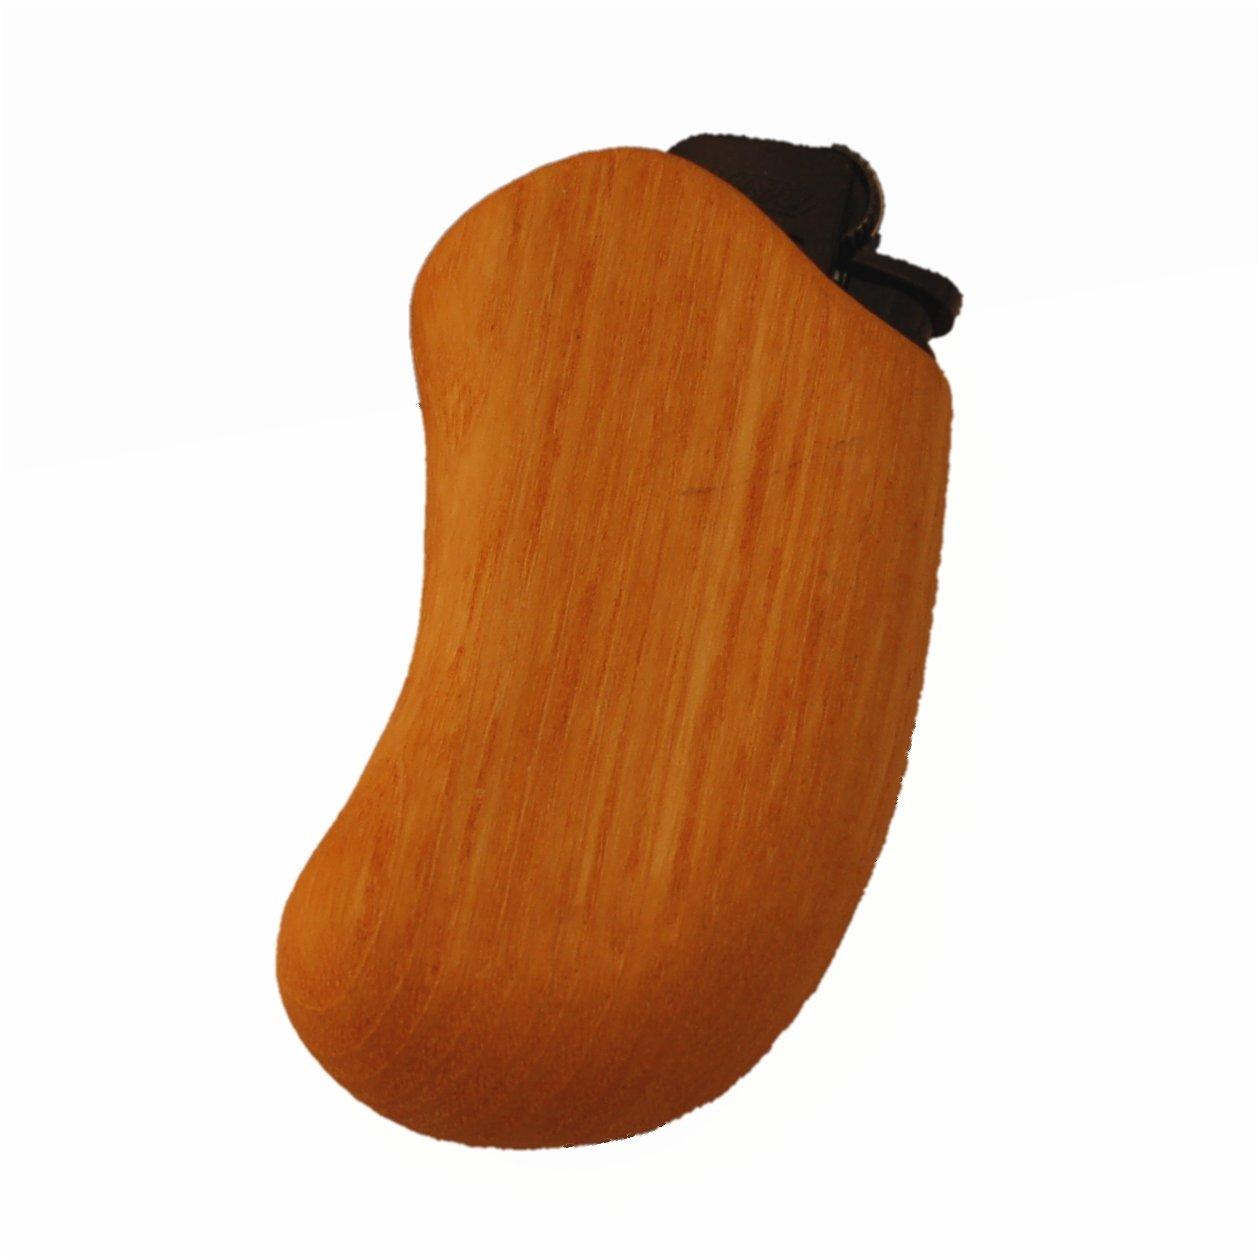 Holz Fichtner feuerzeughülle aus eschen holz holz fichtner aktenkoffer handtaschen und mehr aus holz